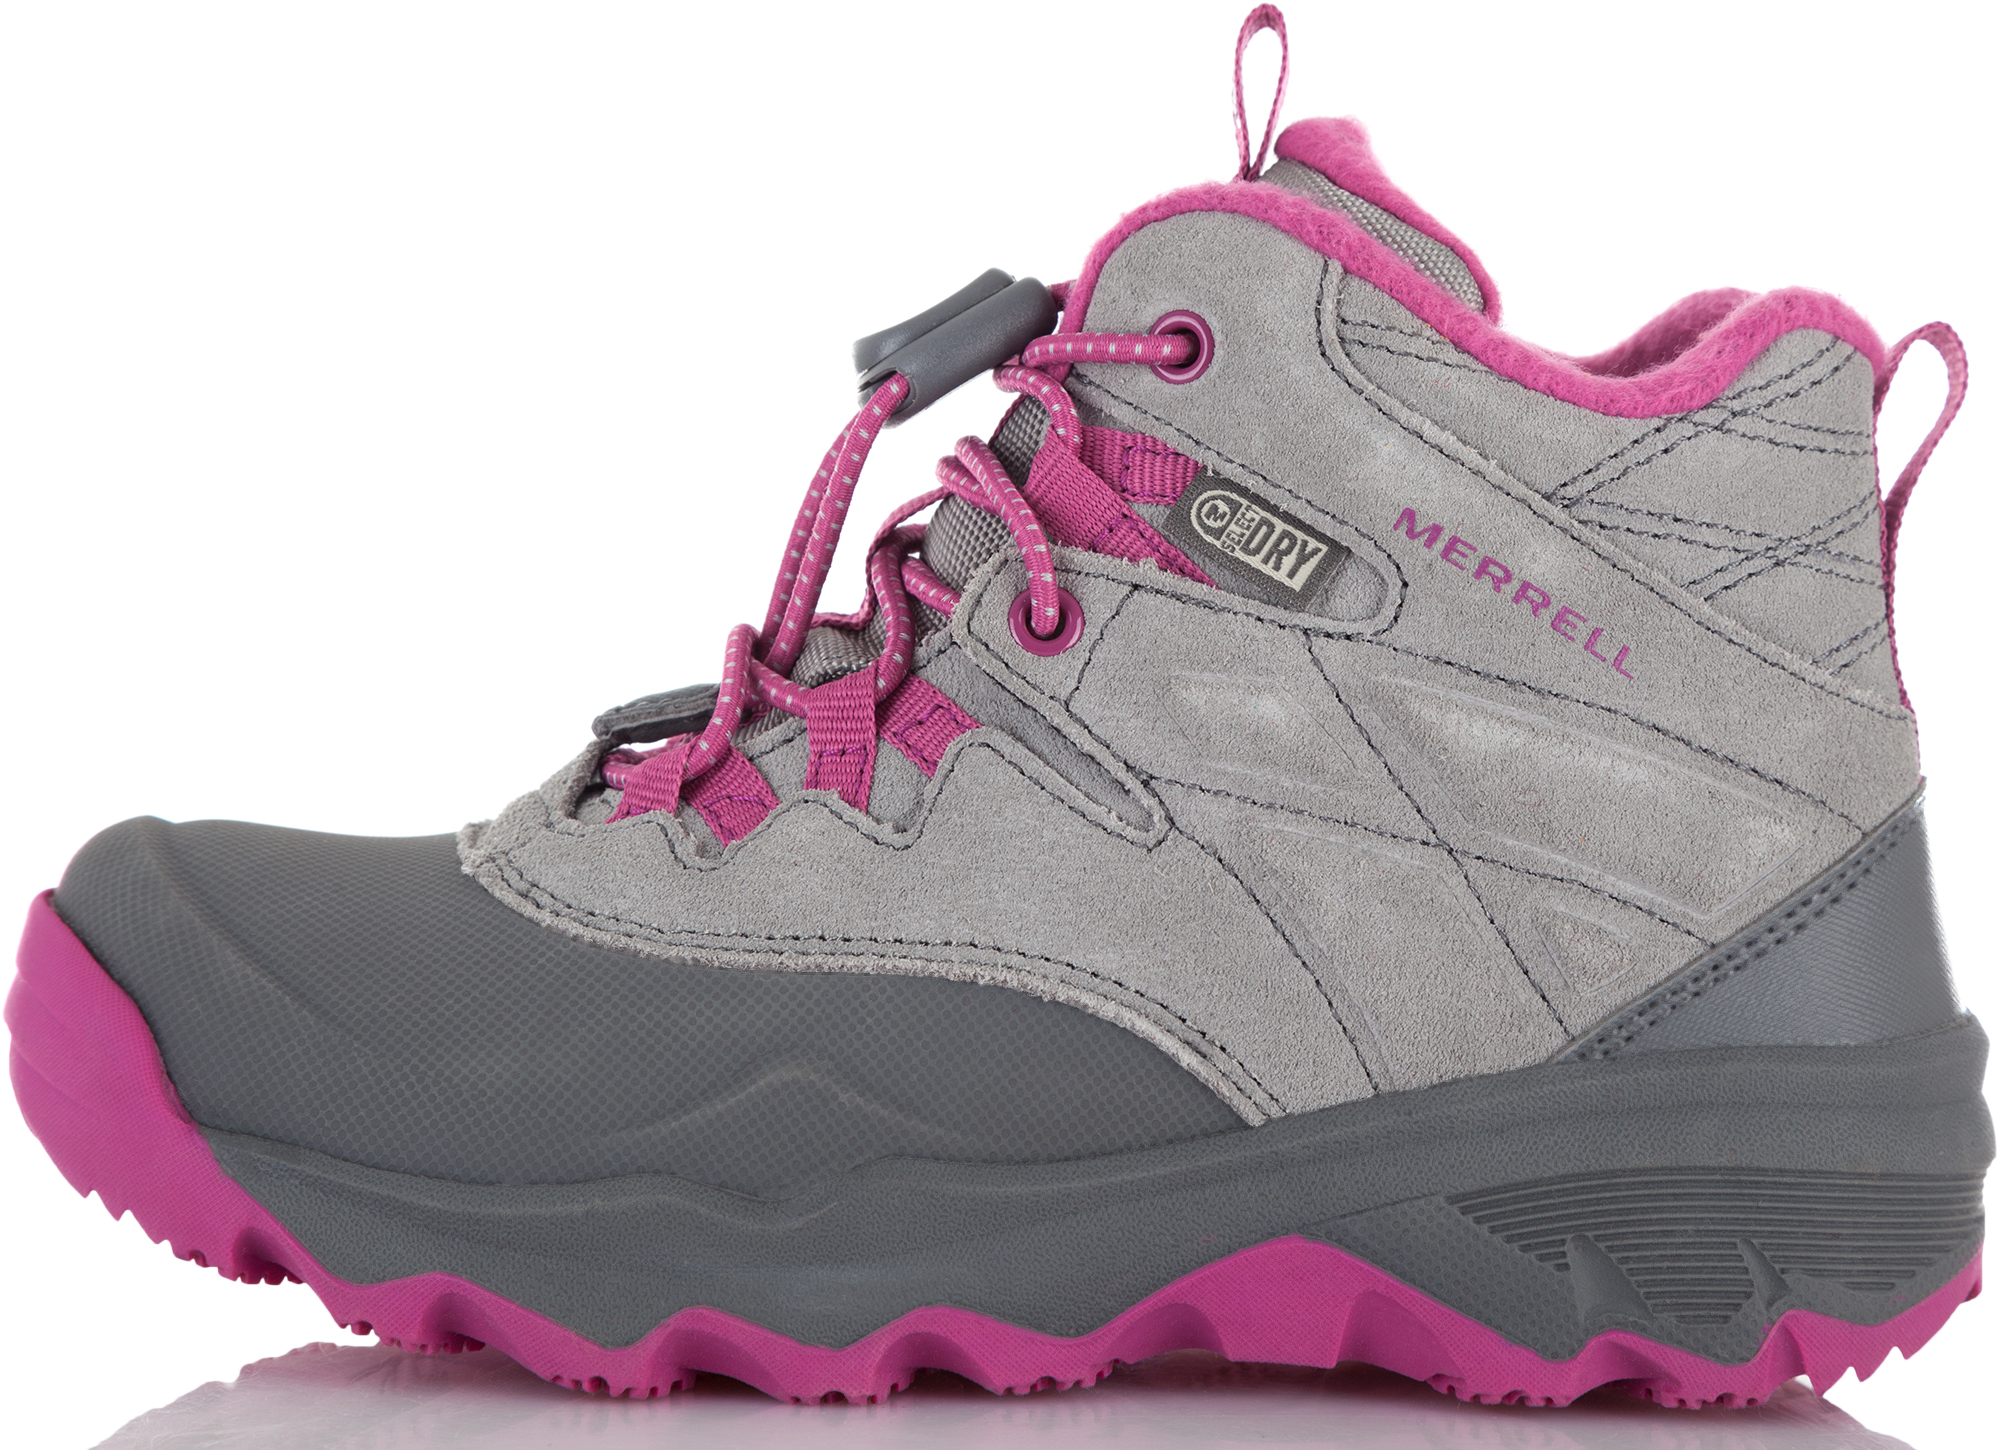 Merrell ботинки для девочек merrell m chameleon 7 access low a c размер 34 5 37a6657479300